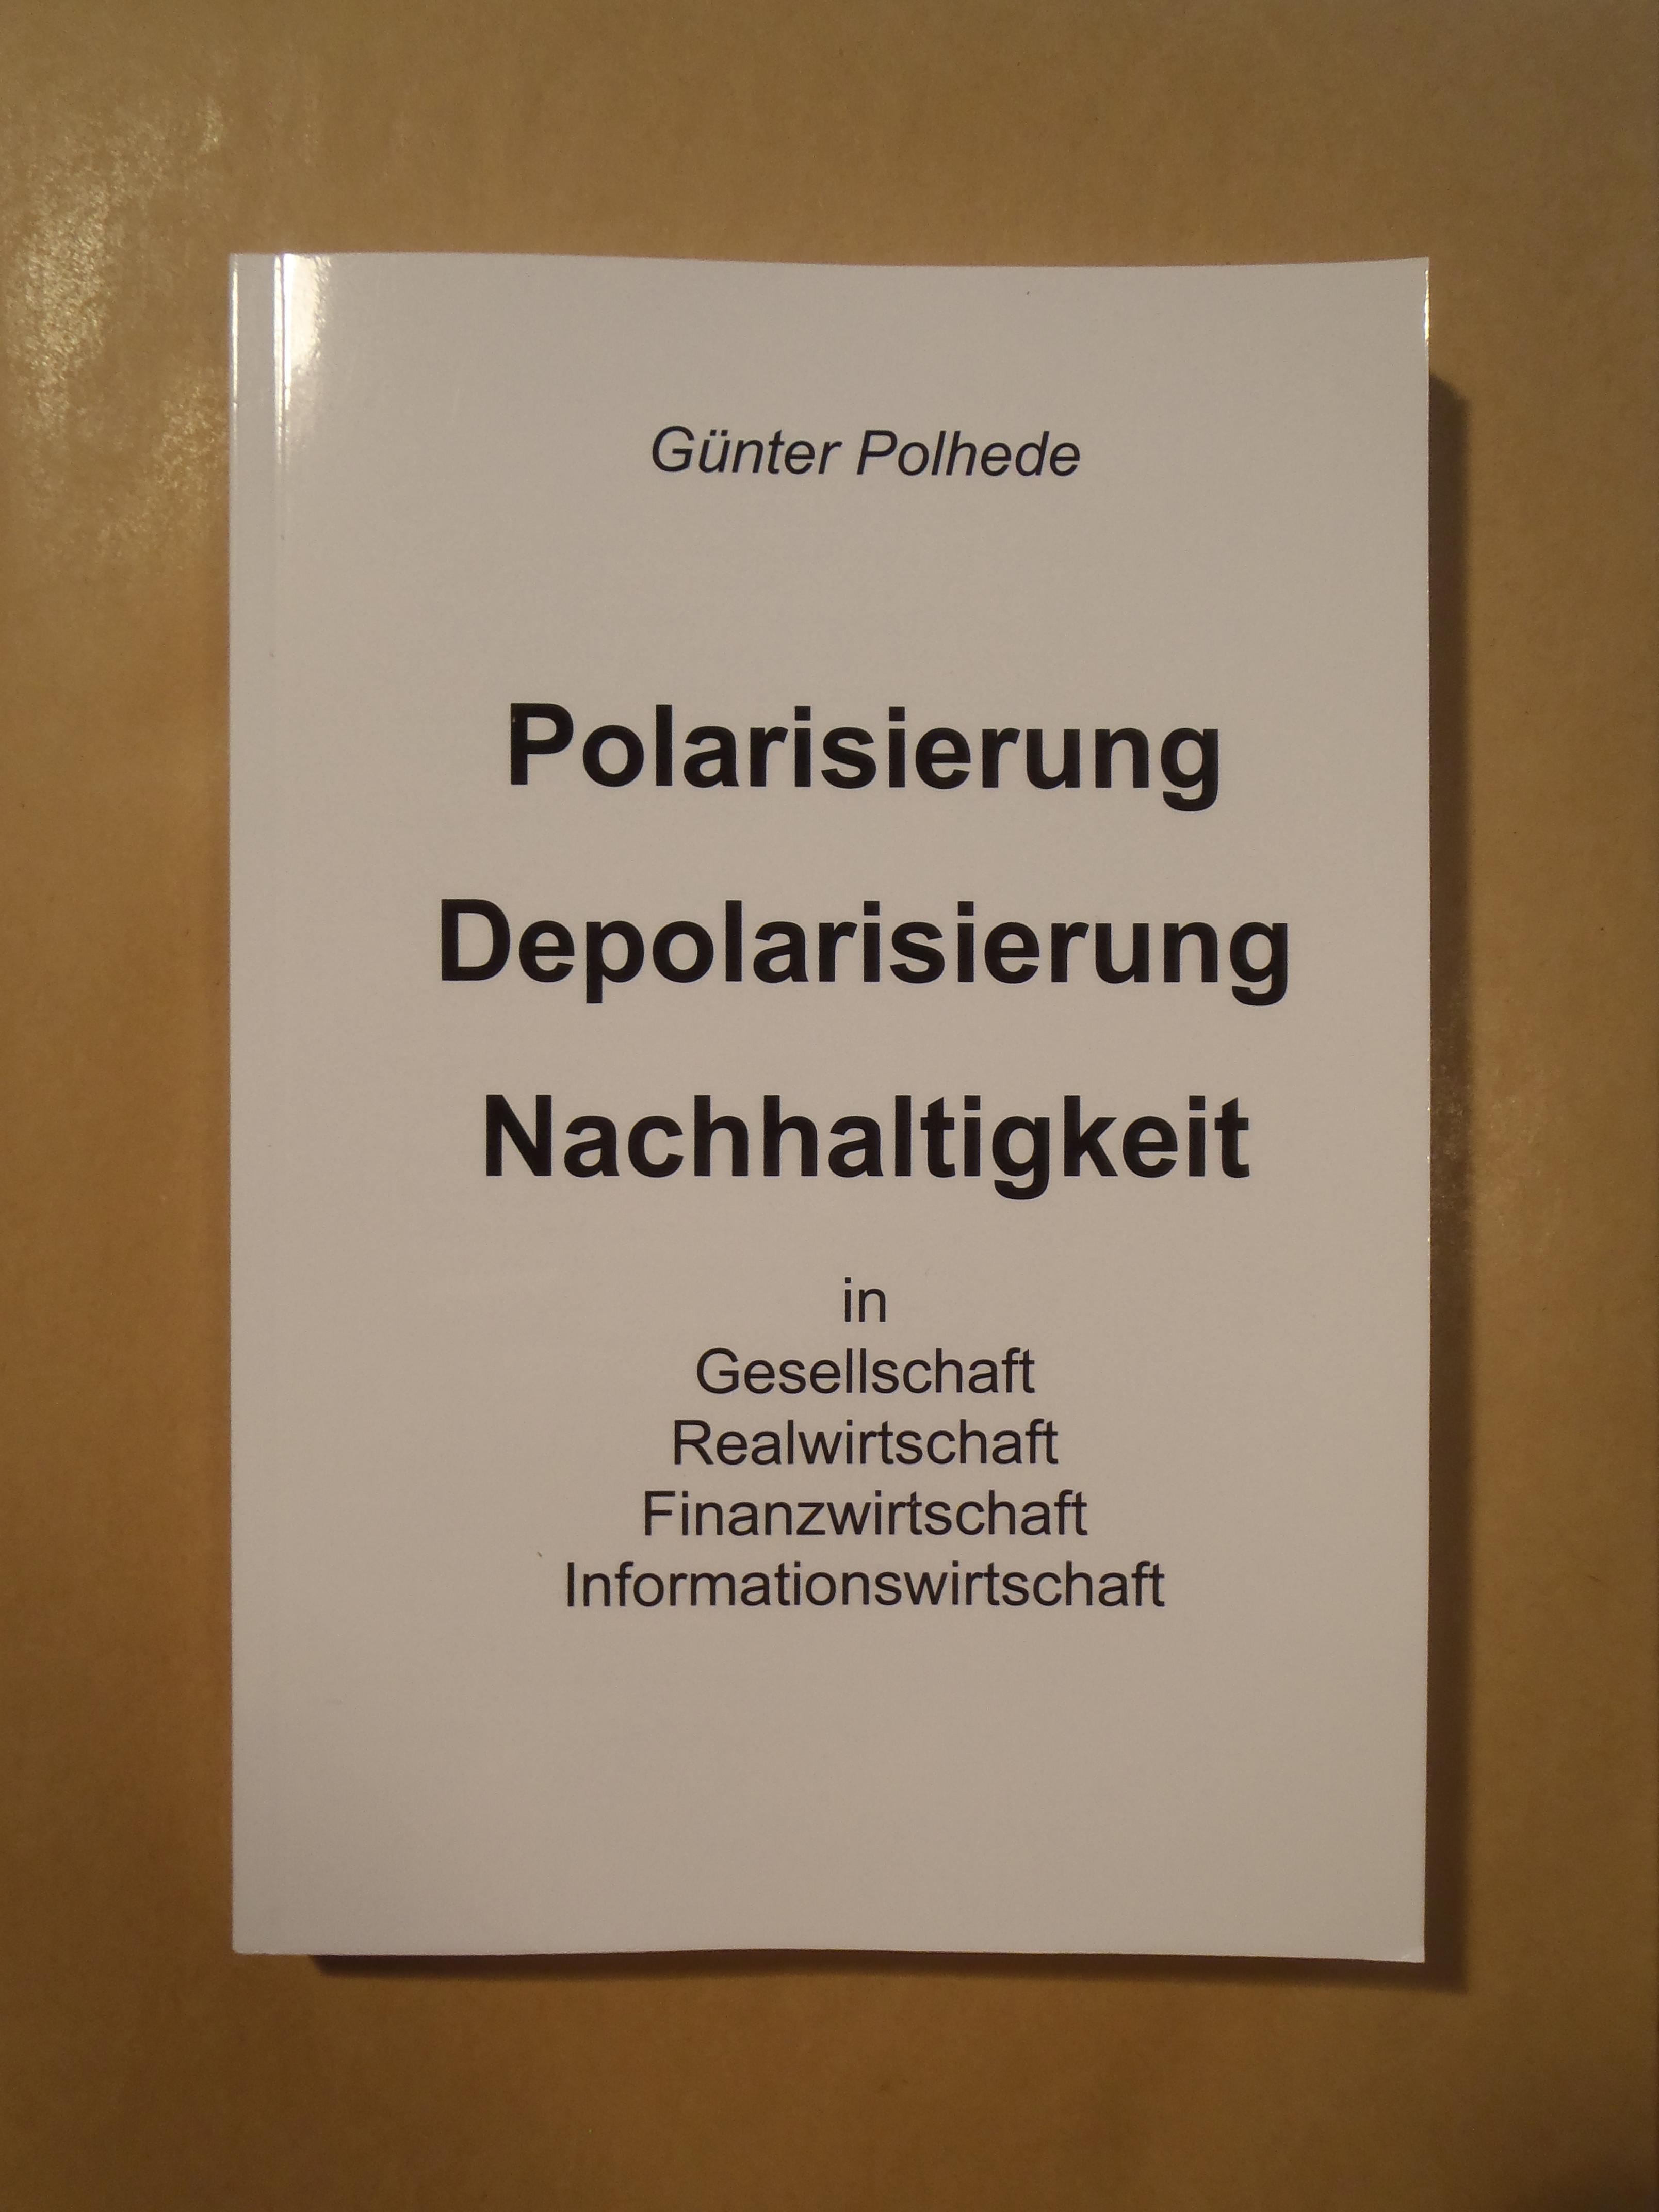 Cover zu Polarisierung - Depolarisierung - Nachhaltigkeit in Gesellschaft, Realwirtschaft, Finanzwirtschaft, Informationswirtschaft